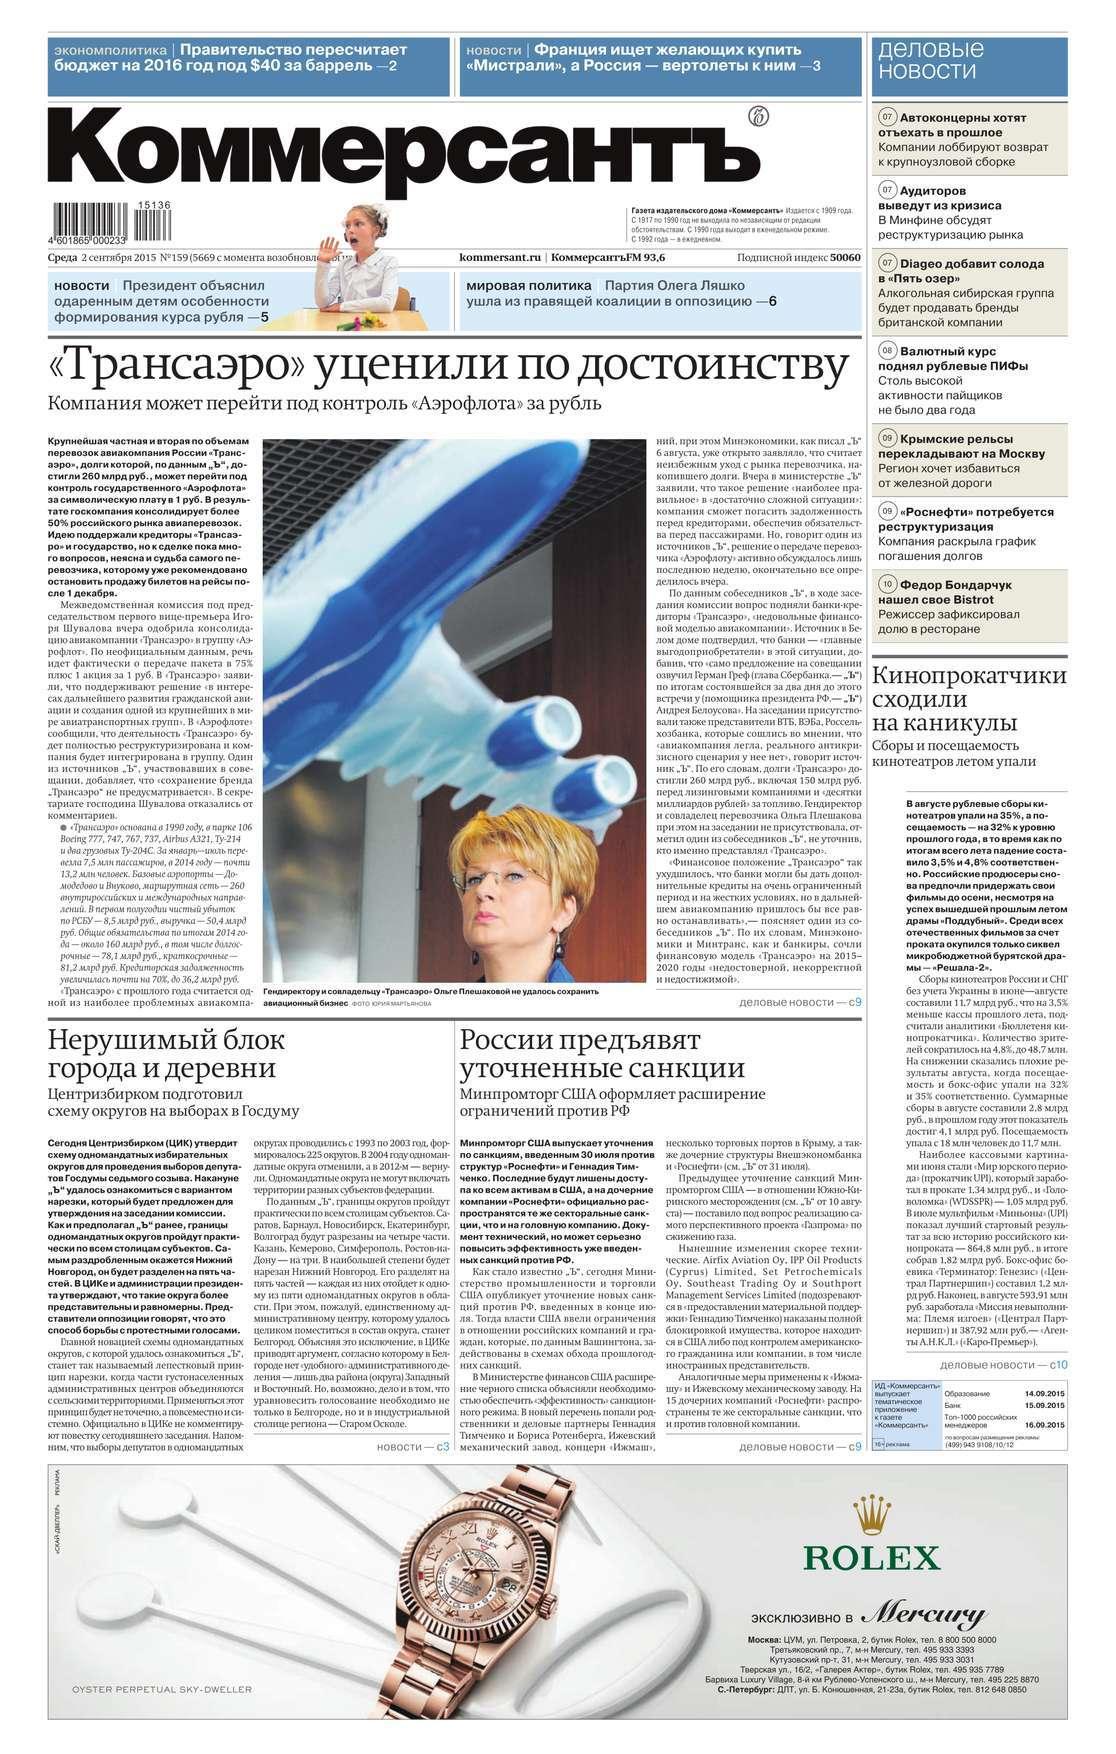 электронный файл Редакция газеты КоммерсантЪ скачивать легко